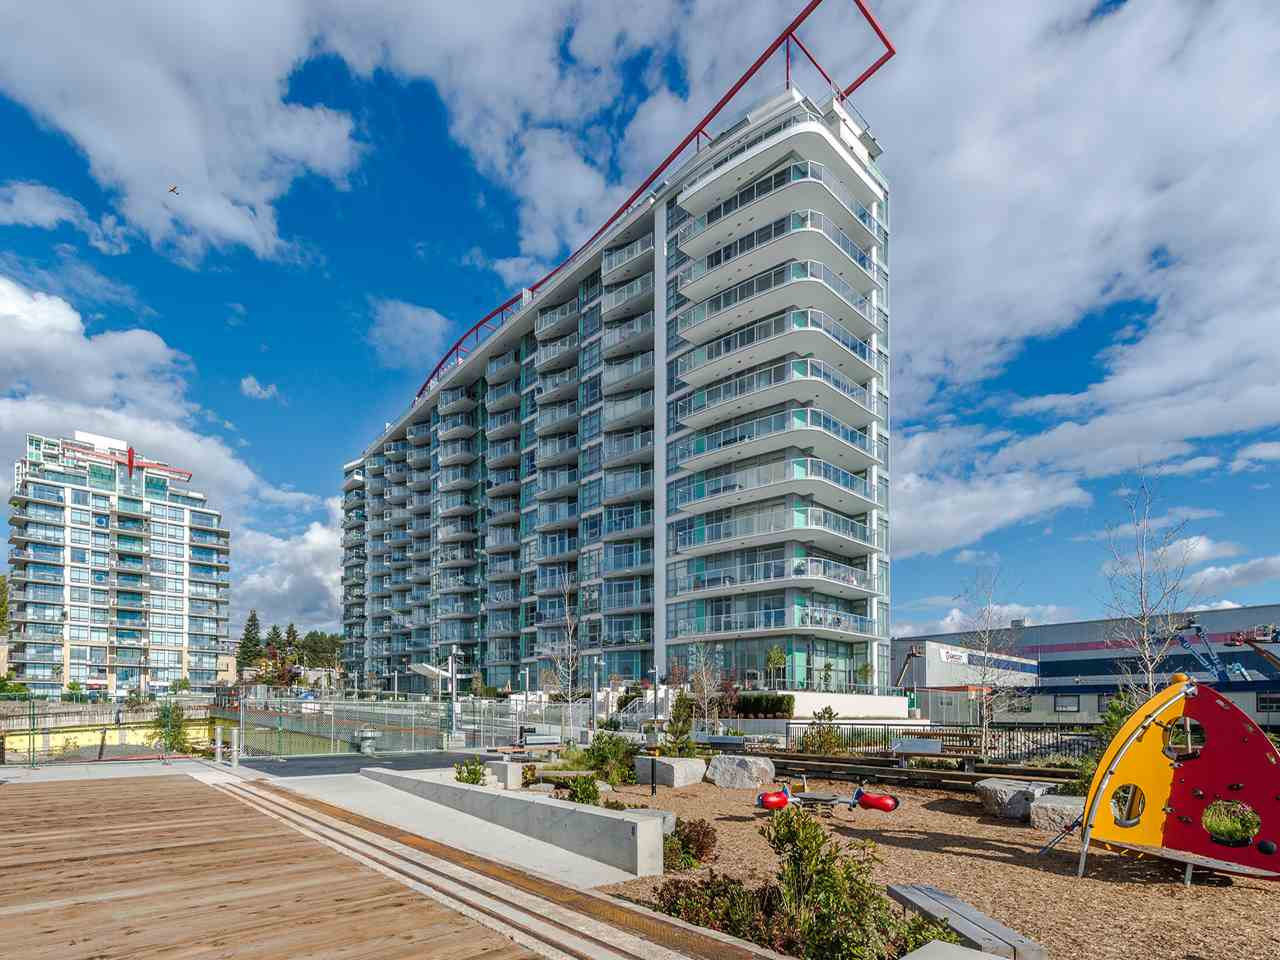 203 199 VICTORY SHIP WAY, North Vancouver, BC, V7L 0B2 Photo 1